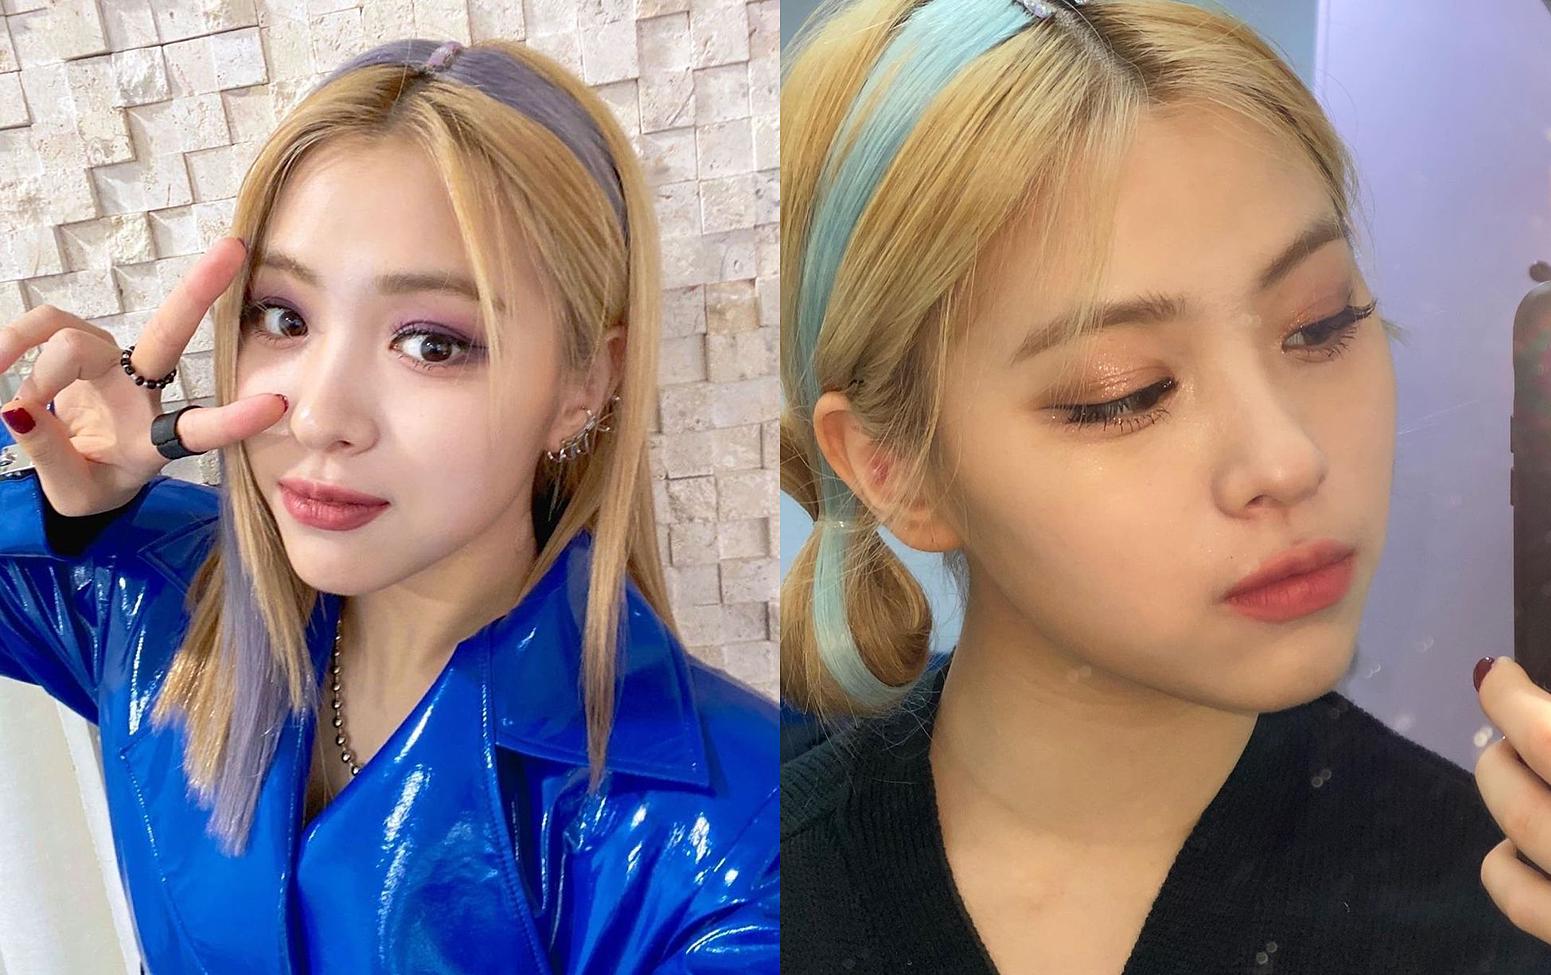 Mái tóc băng đô giả của Ryu Jin (ITZY) trông khá lộ và nhiều lần bị chê, song lại khuấy động kiểu tóc từng hot một thời này trở lại thành hot trend tại châu Á.